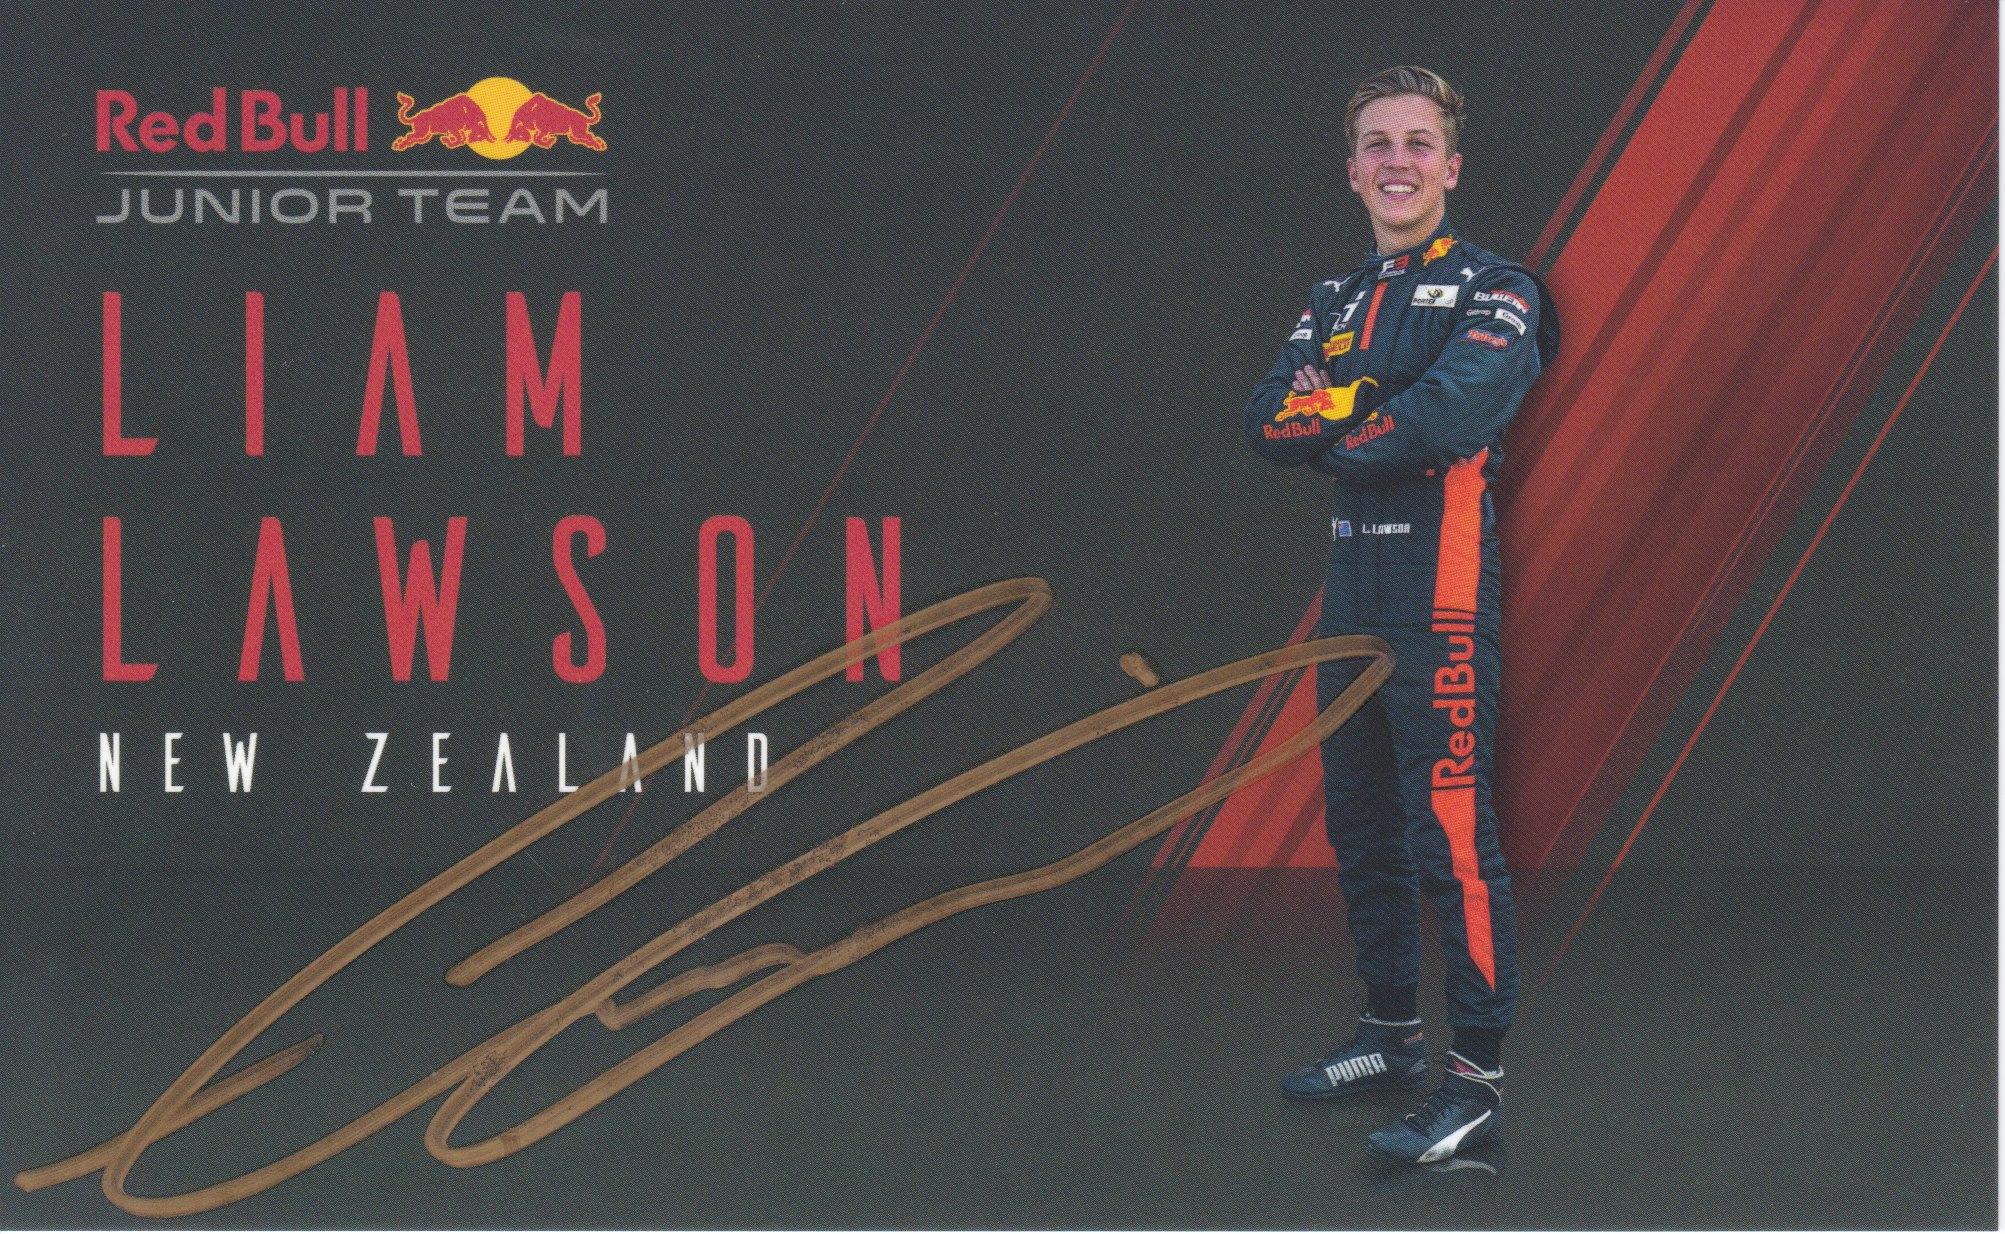 Liam Lawson Red Bull Junior Team 2020